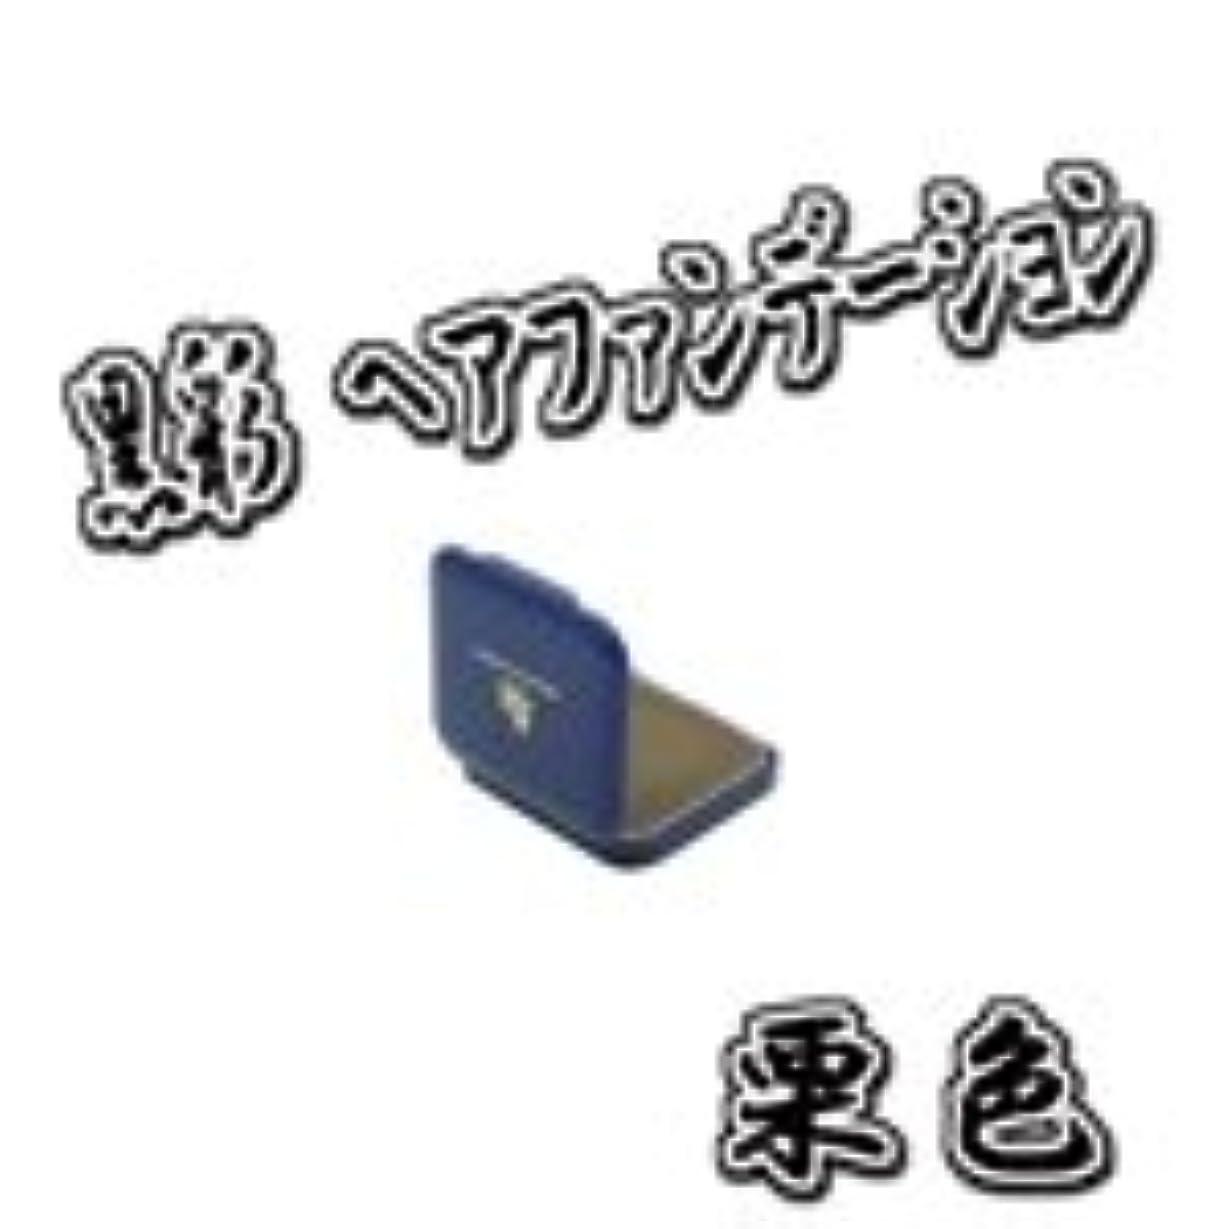 和解する可能性穴AMOROS アモロス 黒彩 ヘアファンデーション 【栗】 13g ミニケース パフ付